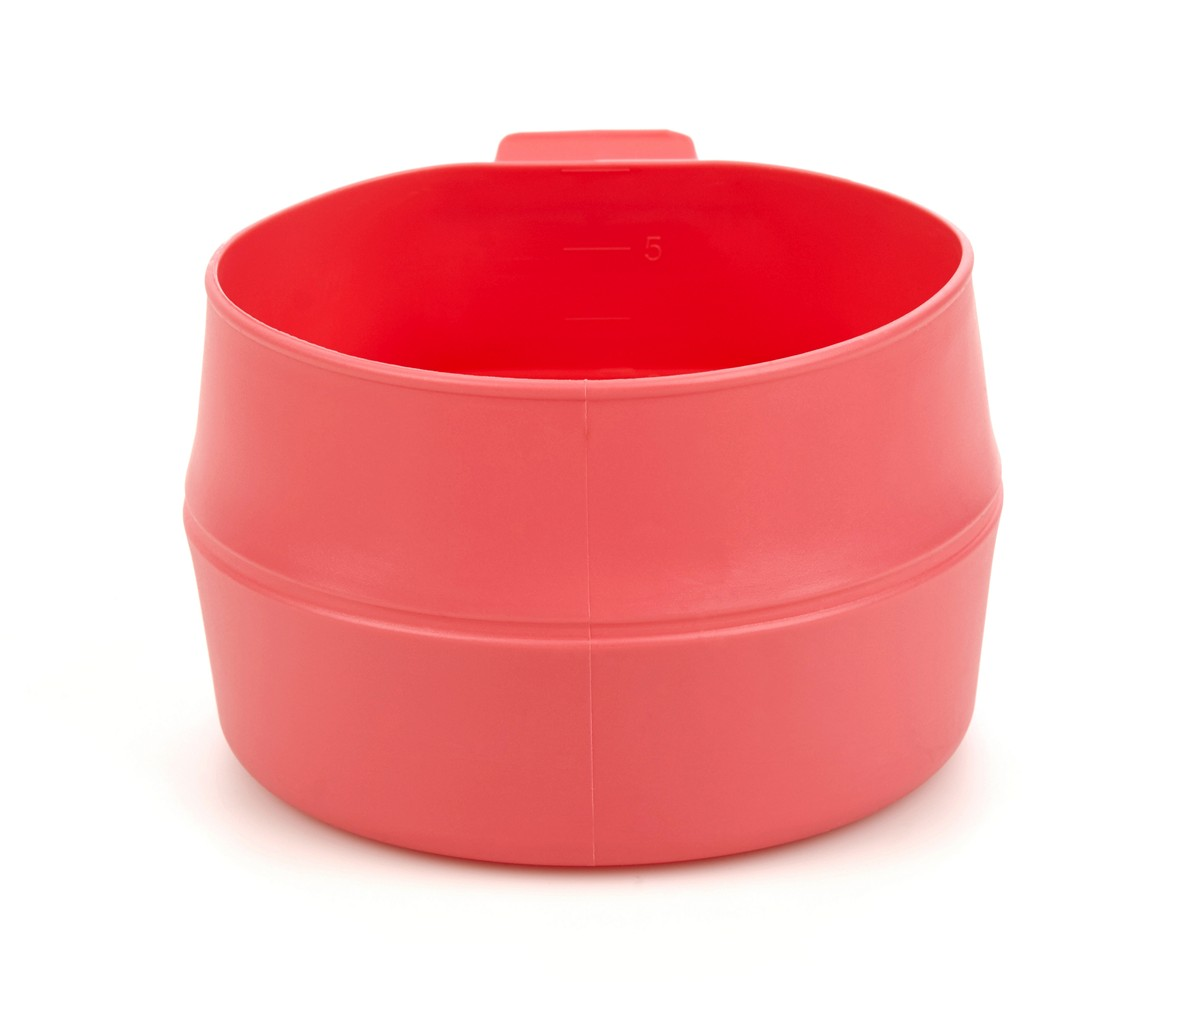 Кружка складная Wildo Fold-a-Cup Big, портативная, цвет: розовый, 0,6 л